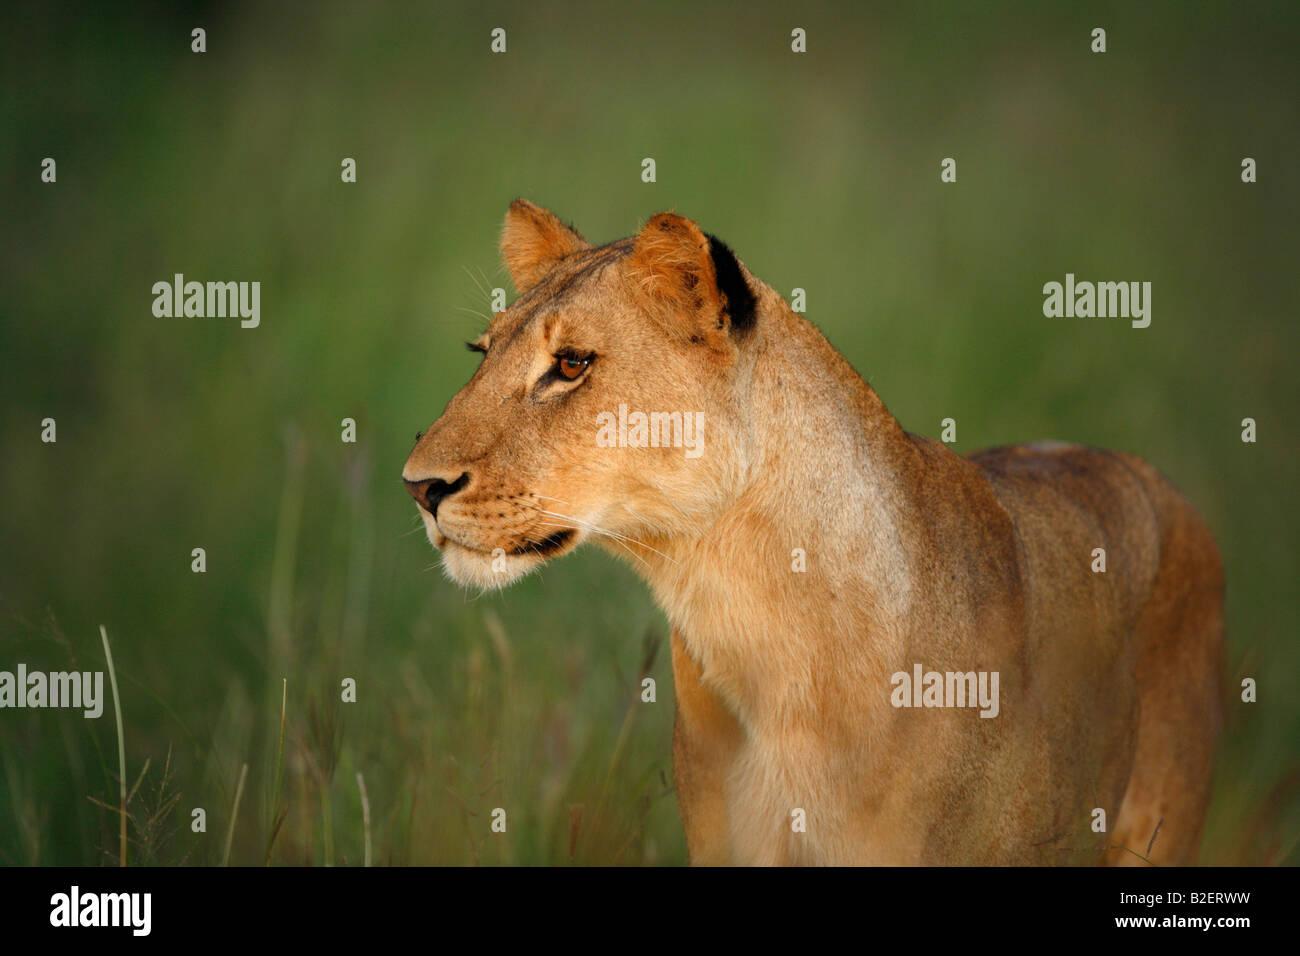 Retrato de una leona en la cálida luz ambiental Imagen De Stock